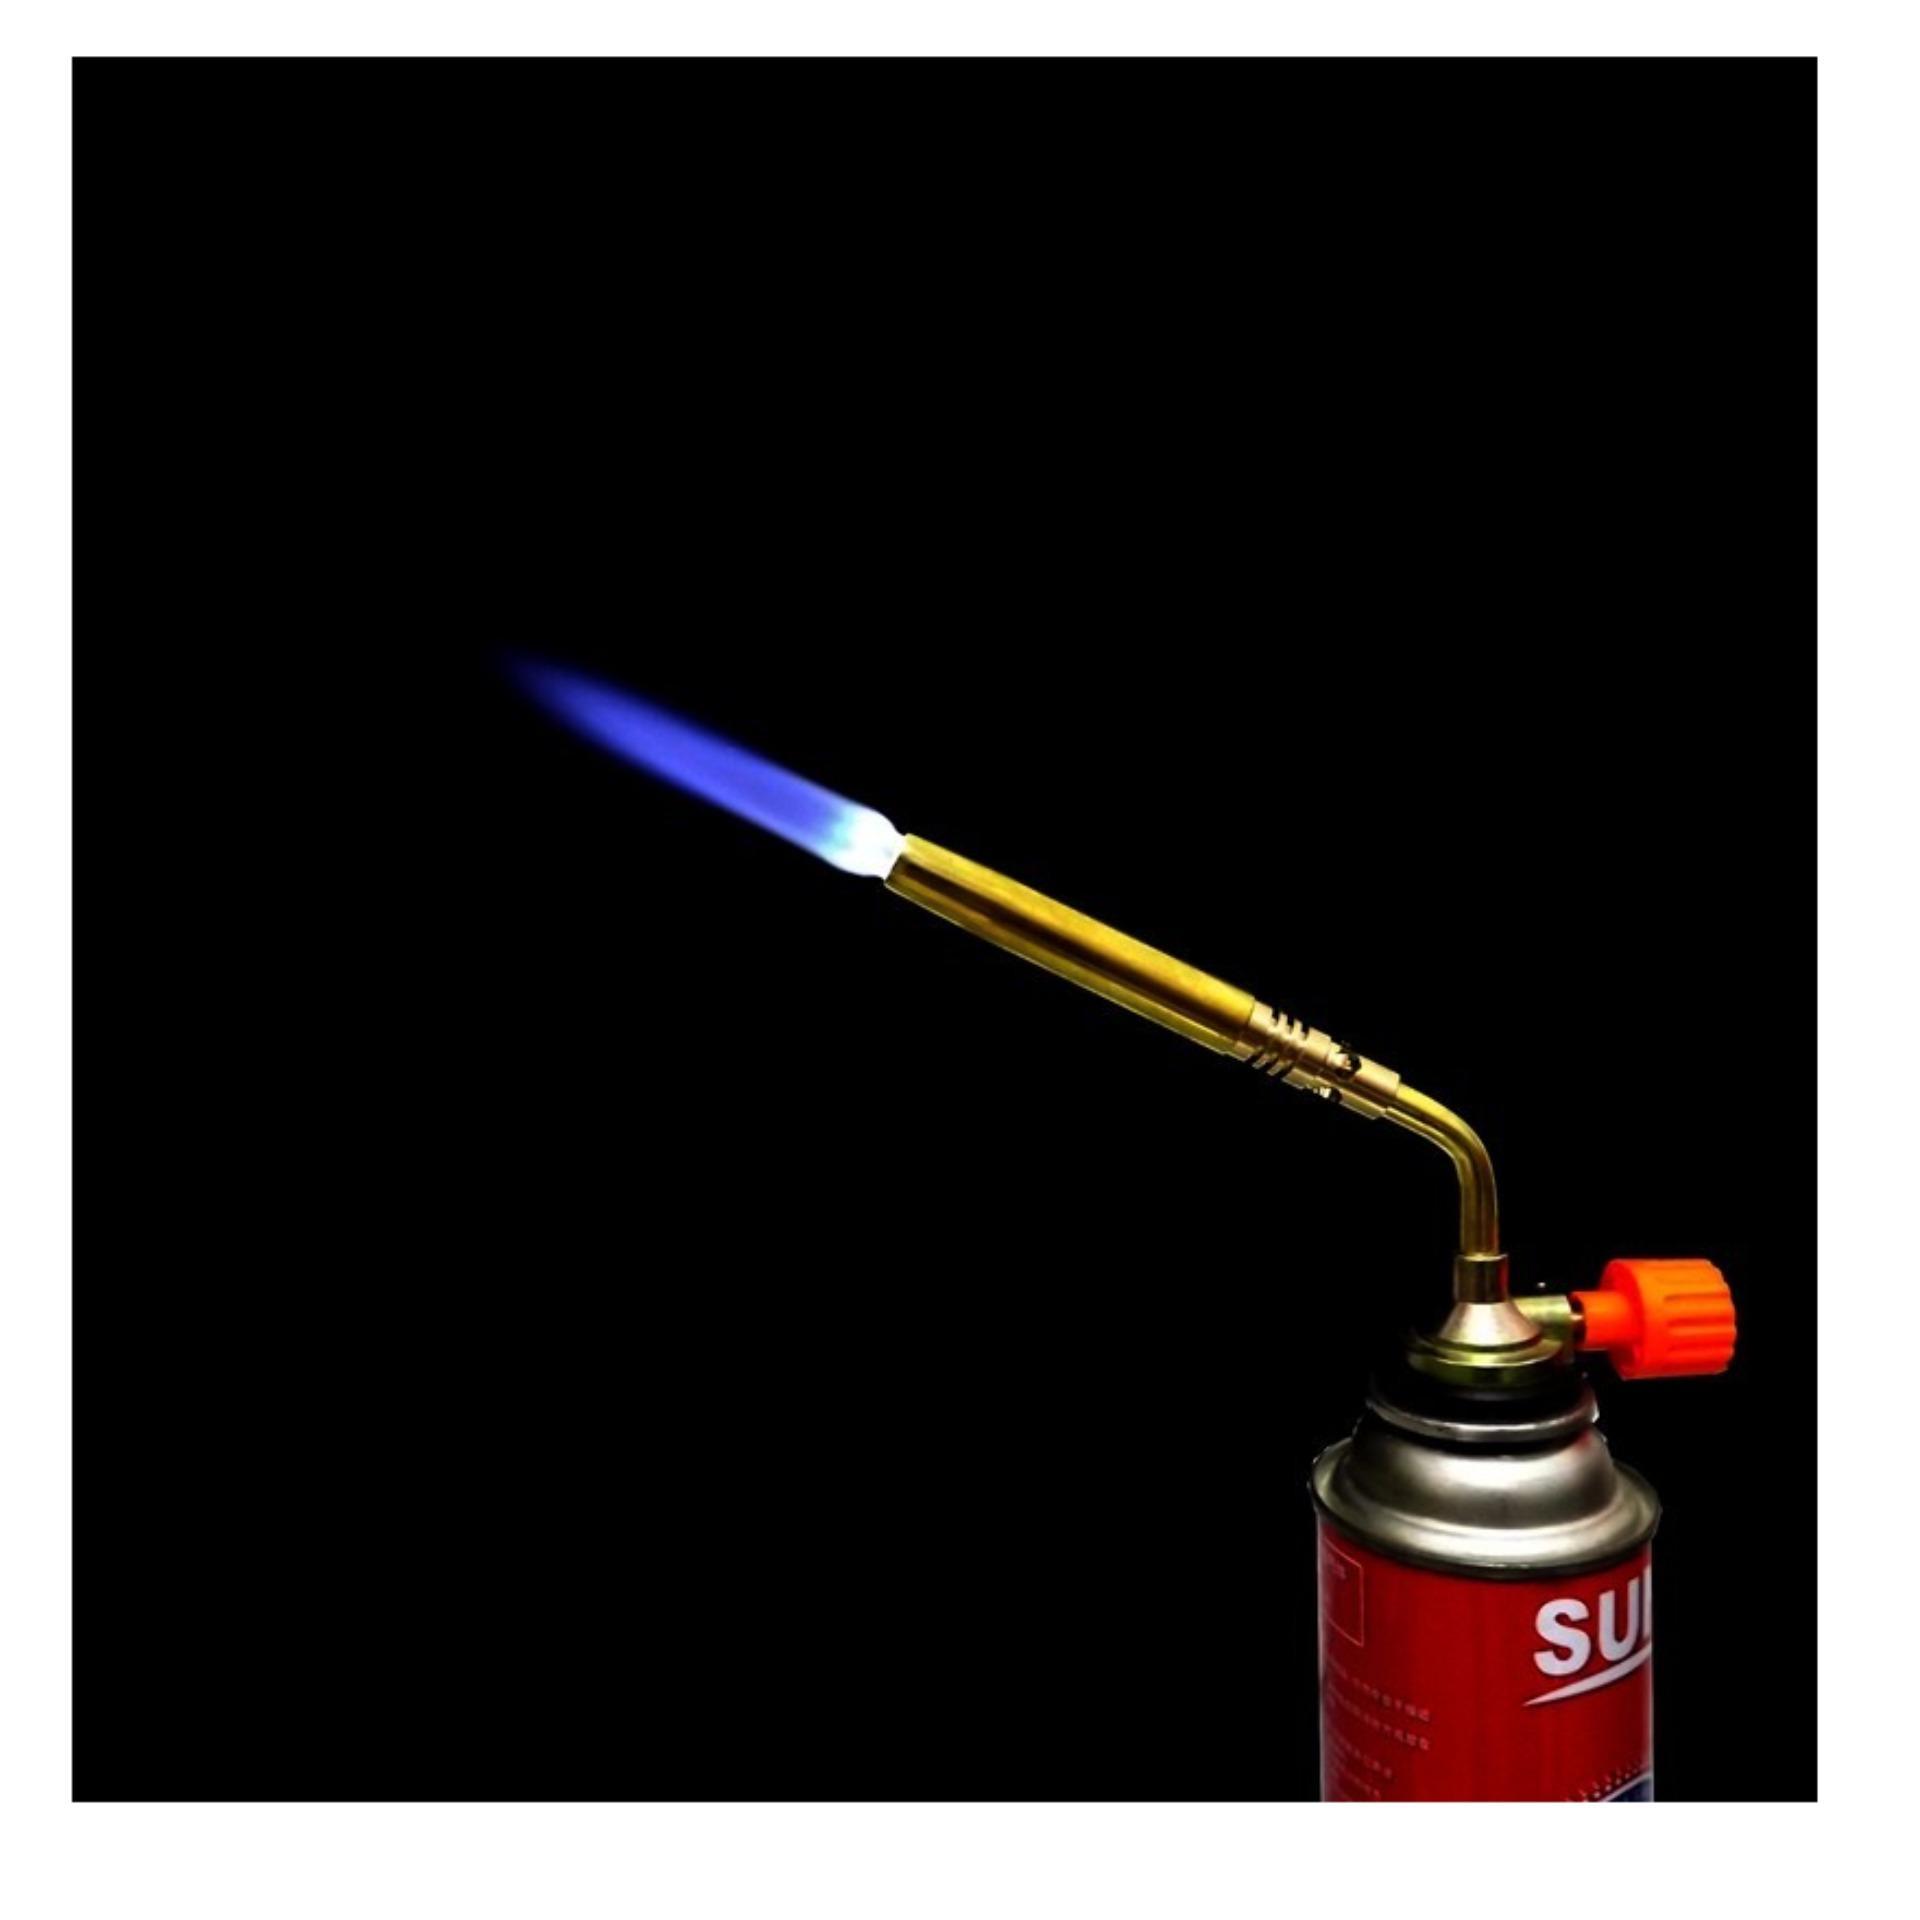 Đèn khò hàn ống đồng - Dụng cụ hàn và khò sử dụng bình ga mini - Sử dụng bình gas mini[HKD]